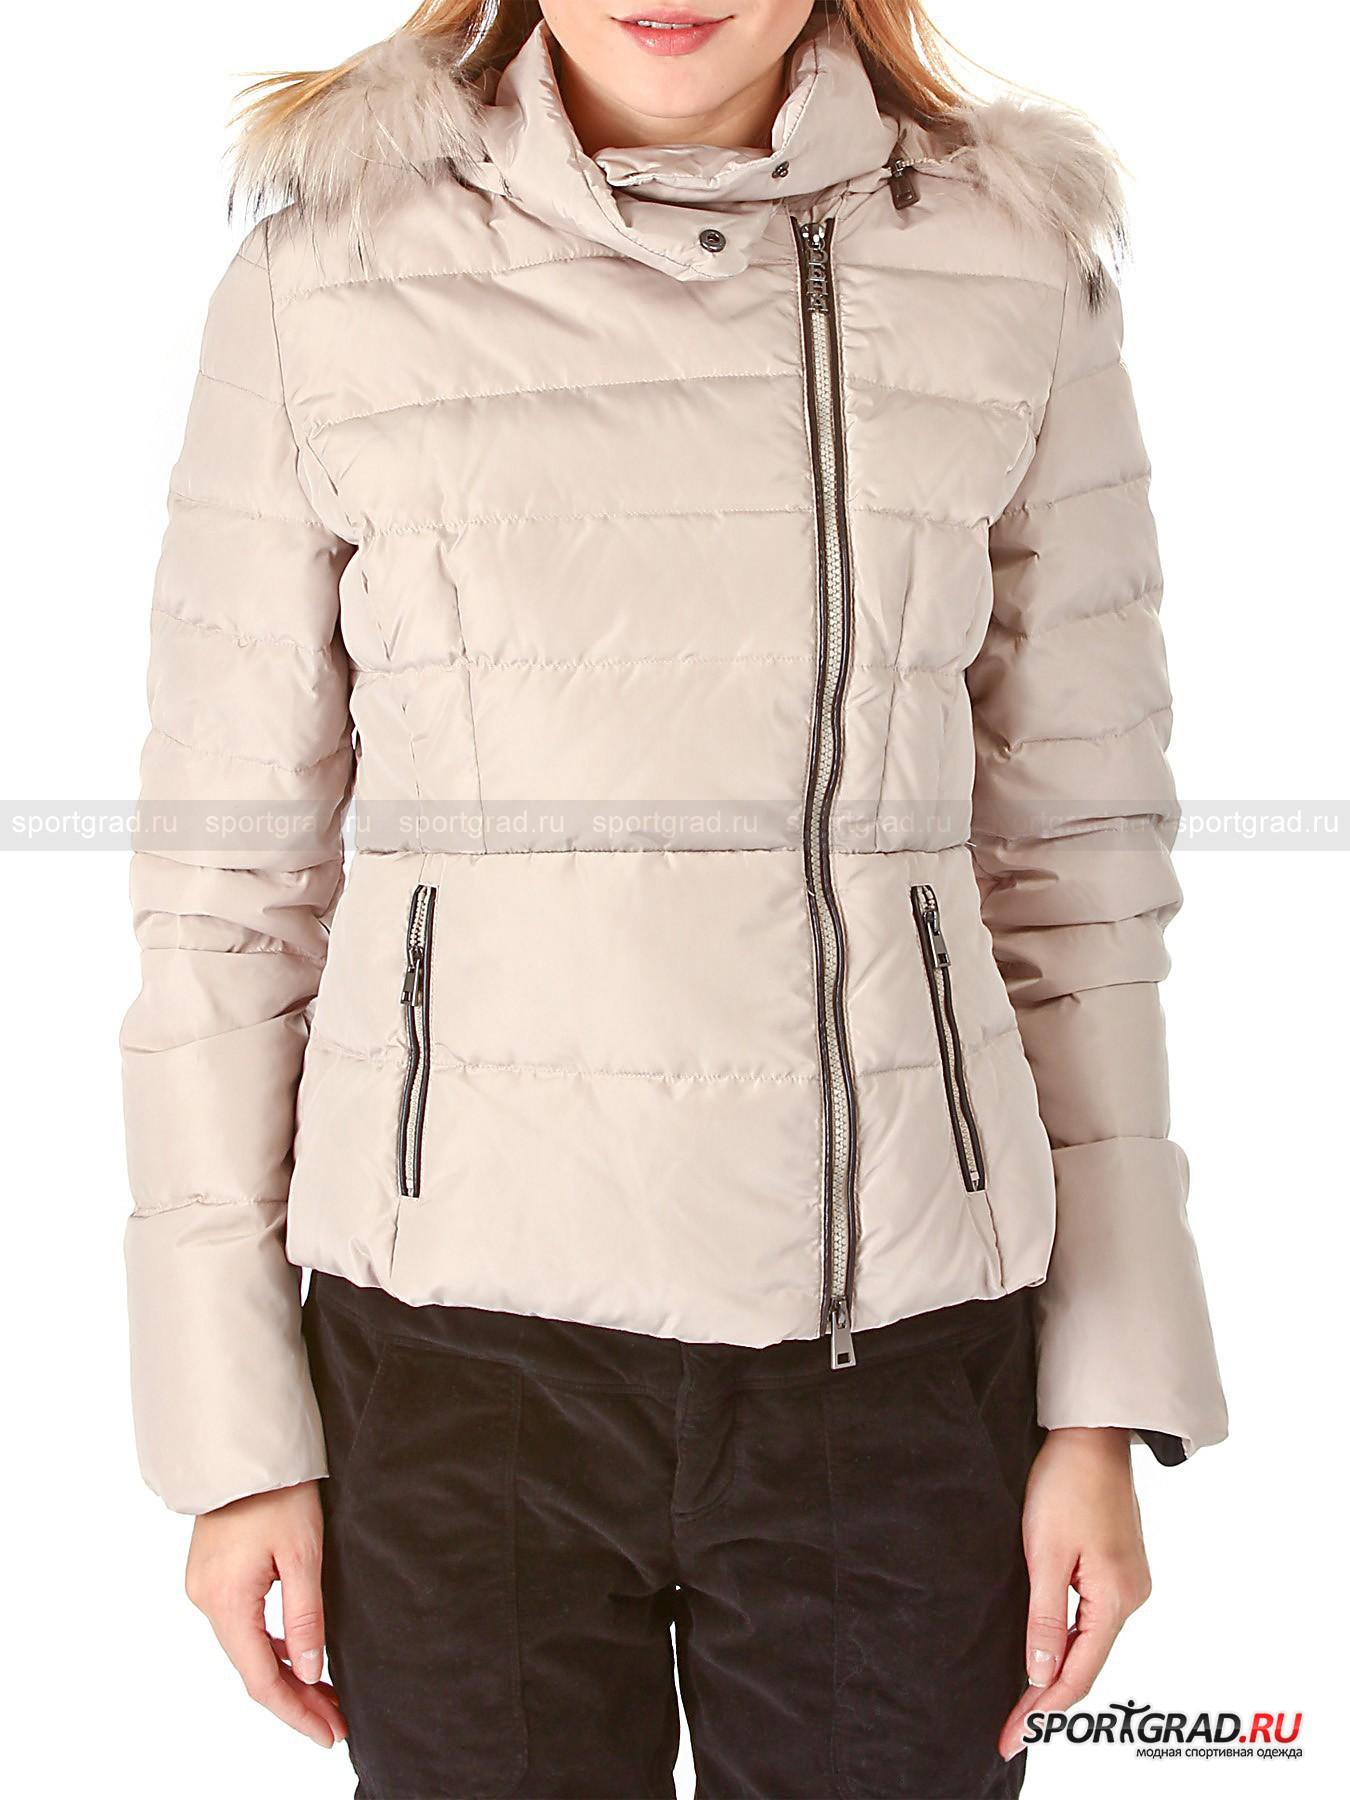 Куртка женская  Hooded Down Jacket DEHAПуховики<br>Куртка женская  Hooded Down Jacket DEHA – отличный выбор для городской зимы. Если Вы ведете активный образ жизни и много двигаетесь, то укороченный стеганый пуховик – Ваш вариант, так как он мало весит, не сковывает движений  и гарантирует комфорт.  Утеплитель из натурального пуха и пера – прекрасный теплоизолятор, который, помимо поддержания оптимальной температуры, пропускает воздух и позволяет коже «дышать». <br><br>Куртка полуприлегающего покроя имеет:<br>- отстегивающийся капюшон со съемной меховой опушкой,<br>- воротник-стойку,<br>- застежку-молнию с двумя бегунками, смещенную влево,<br>- прорезные боковые карманы на молниях.<br>?<br>Длина изделия сзади по центру от горловины до низа 57 см, ширина в груди 46 см, длина рукава по нижнему шву 49 см (размер S).<br><br>Пол: Женский<br>Возраст: Взрослый<br>Тип: Пуховики<br>Рекомендации по уходу: Рекомендуется стирка в теплой воде при низкой температуре. Не подвергать изделие  отбеливанию, глажке  и отжиму в центрифуге.<br>Состав: 100% полиэстер Наполнитель 80% пух, 20% перо. Мех енота.